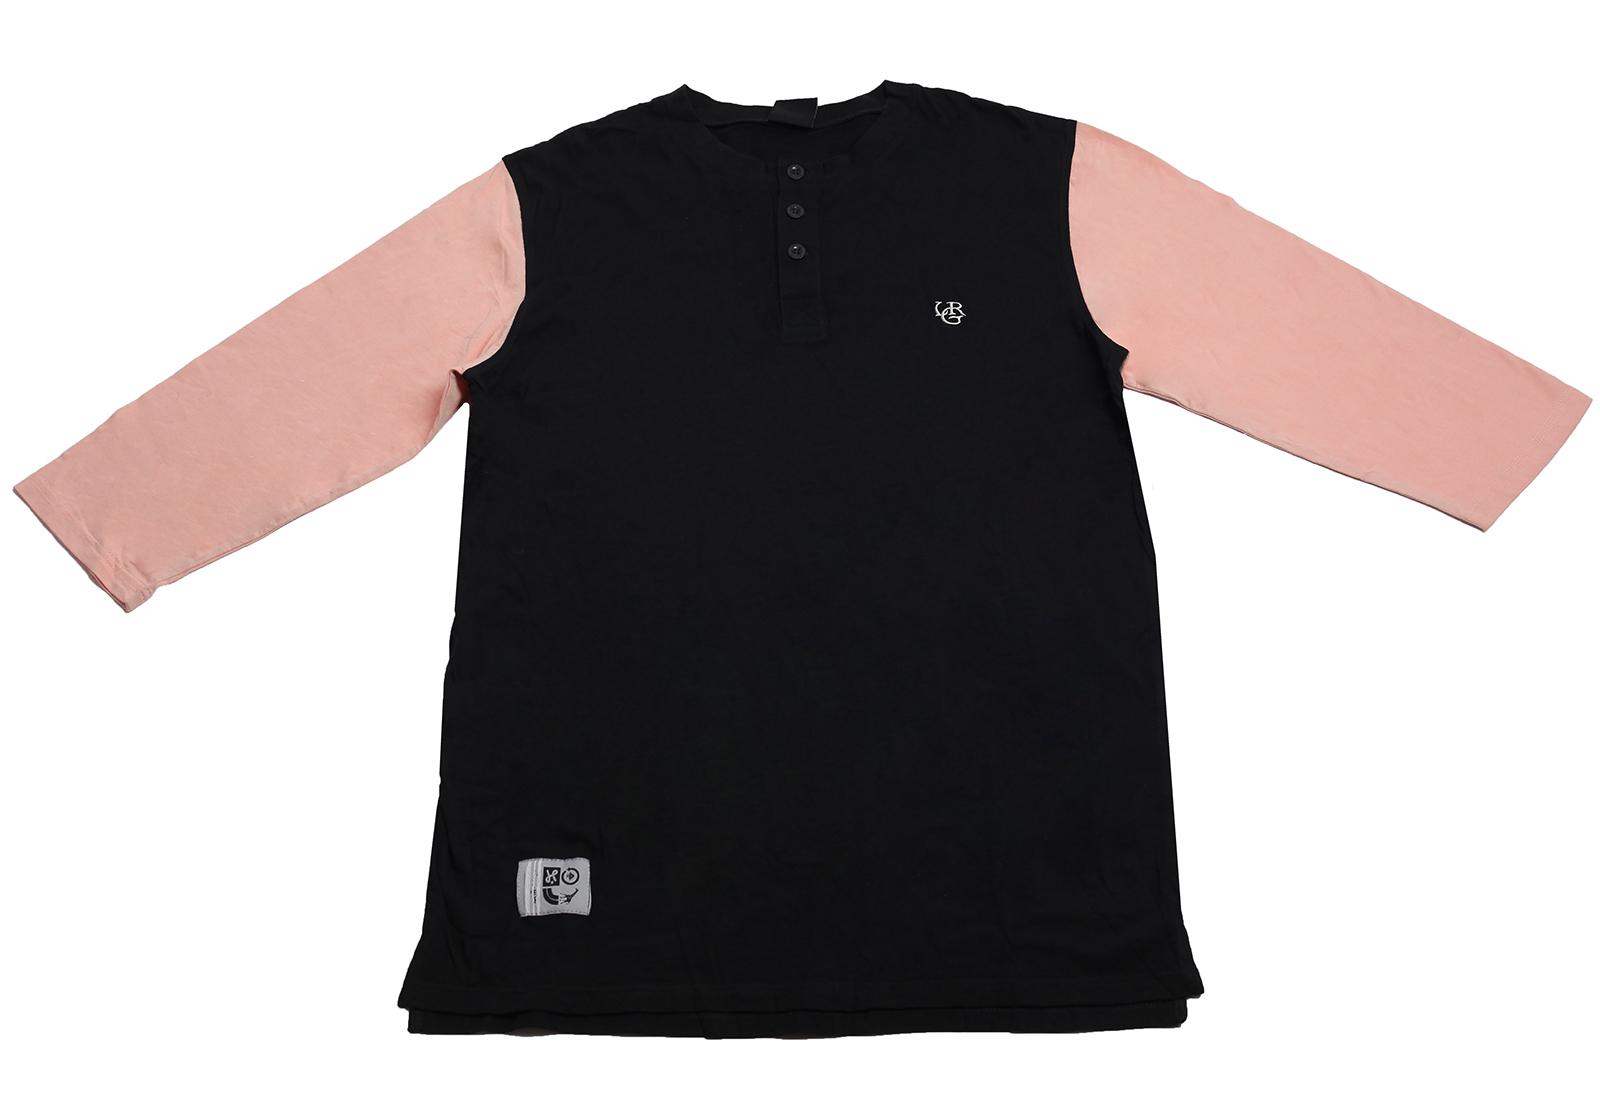 Элегантная рубашка-поло бренда Ing первоклассного качества - универсальный вариант